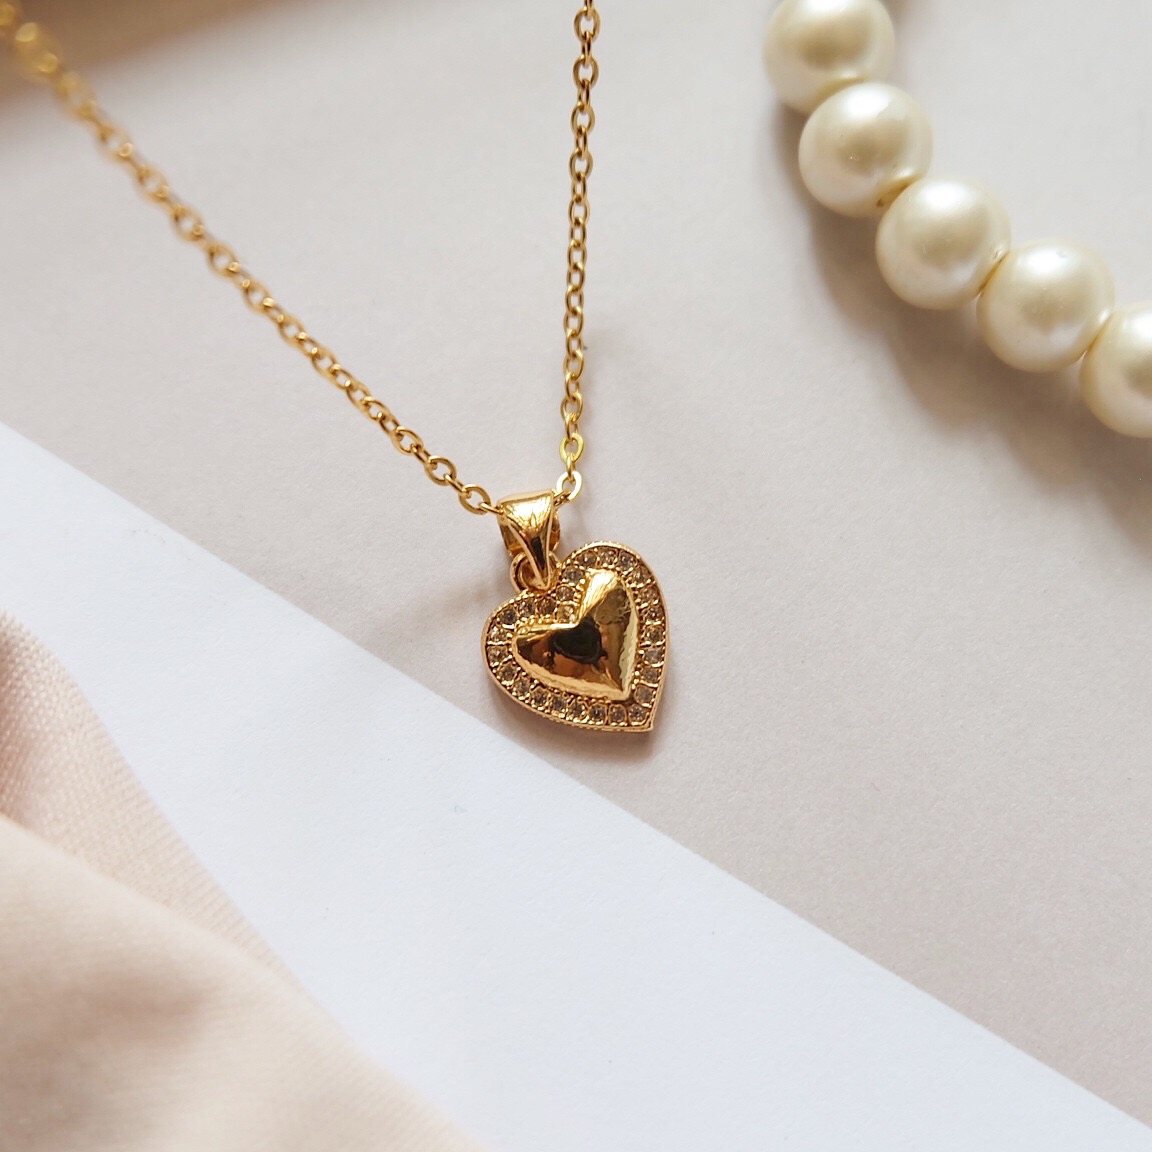 Abi-Necklace-1.jpeg